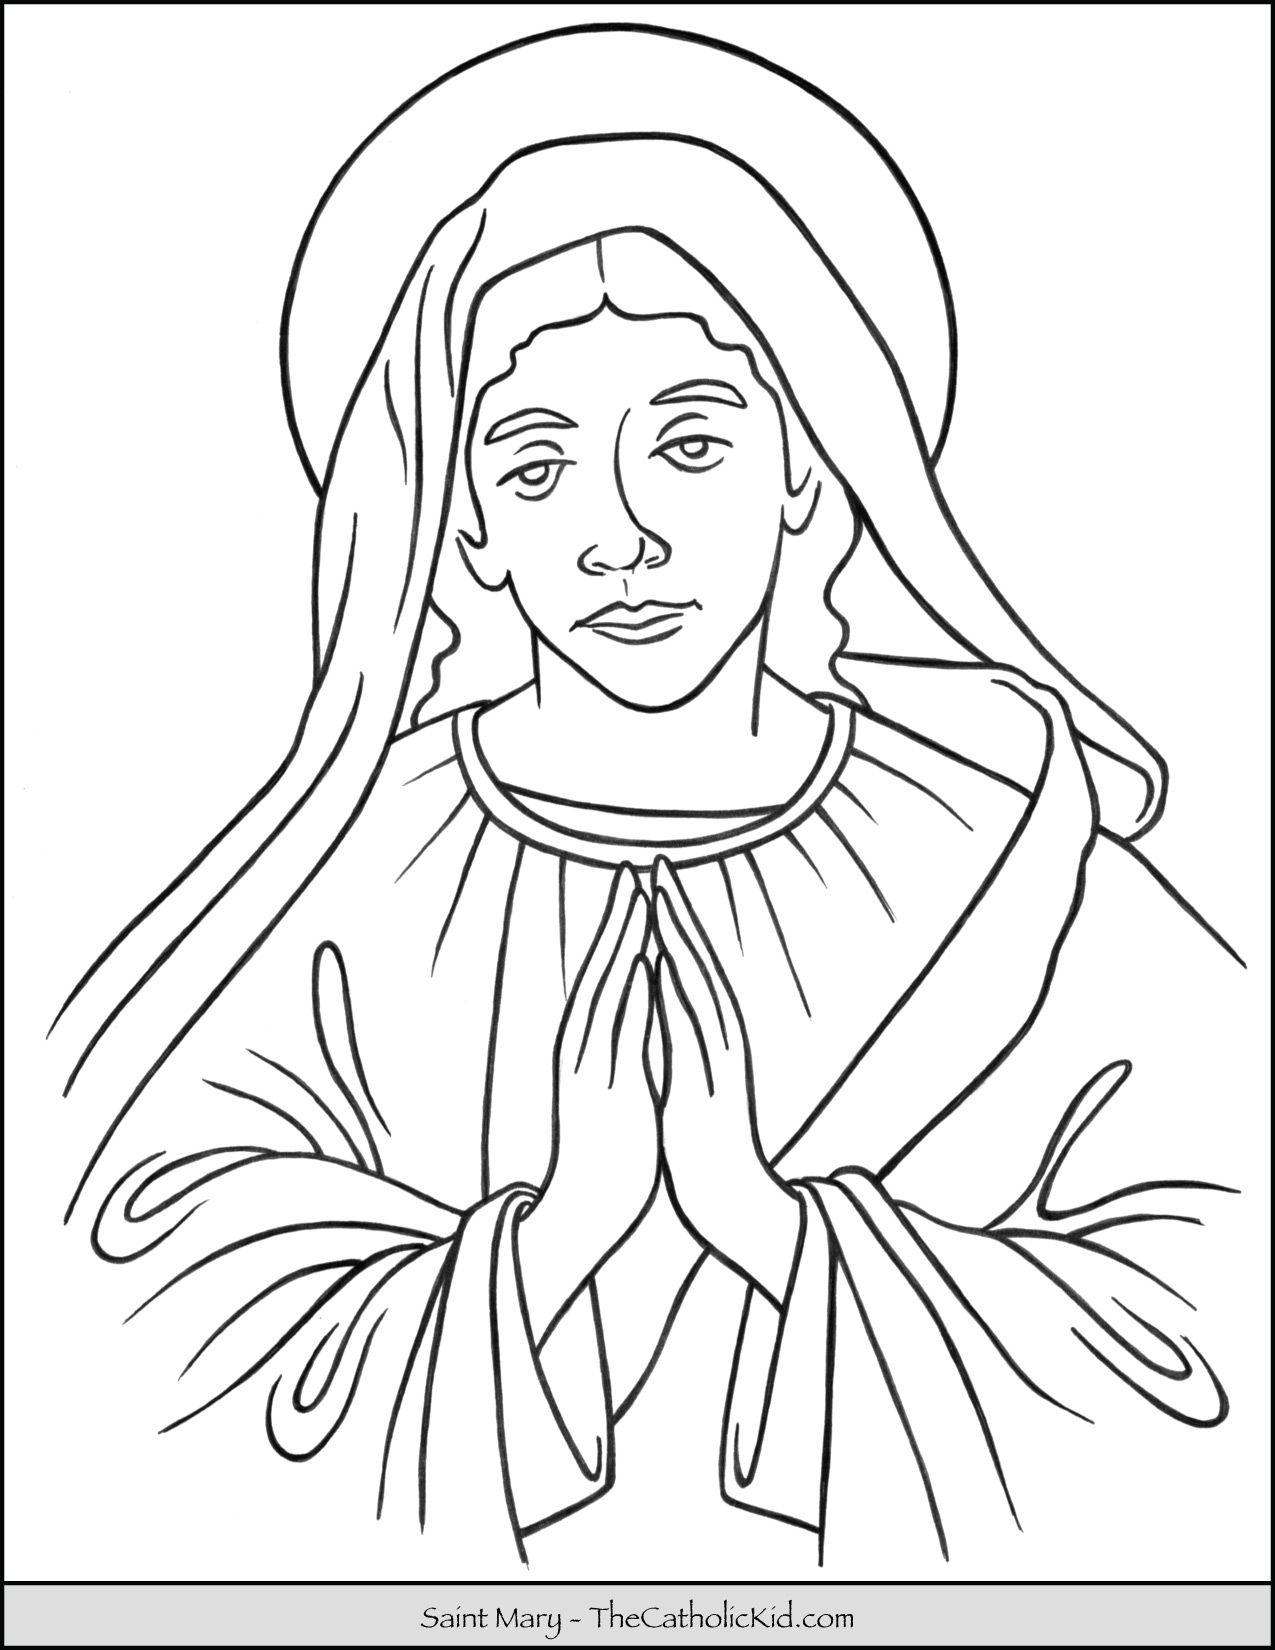 Saint Mary Coloring Page Thecatholickid Com Desenhos Desenhos